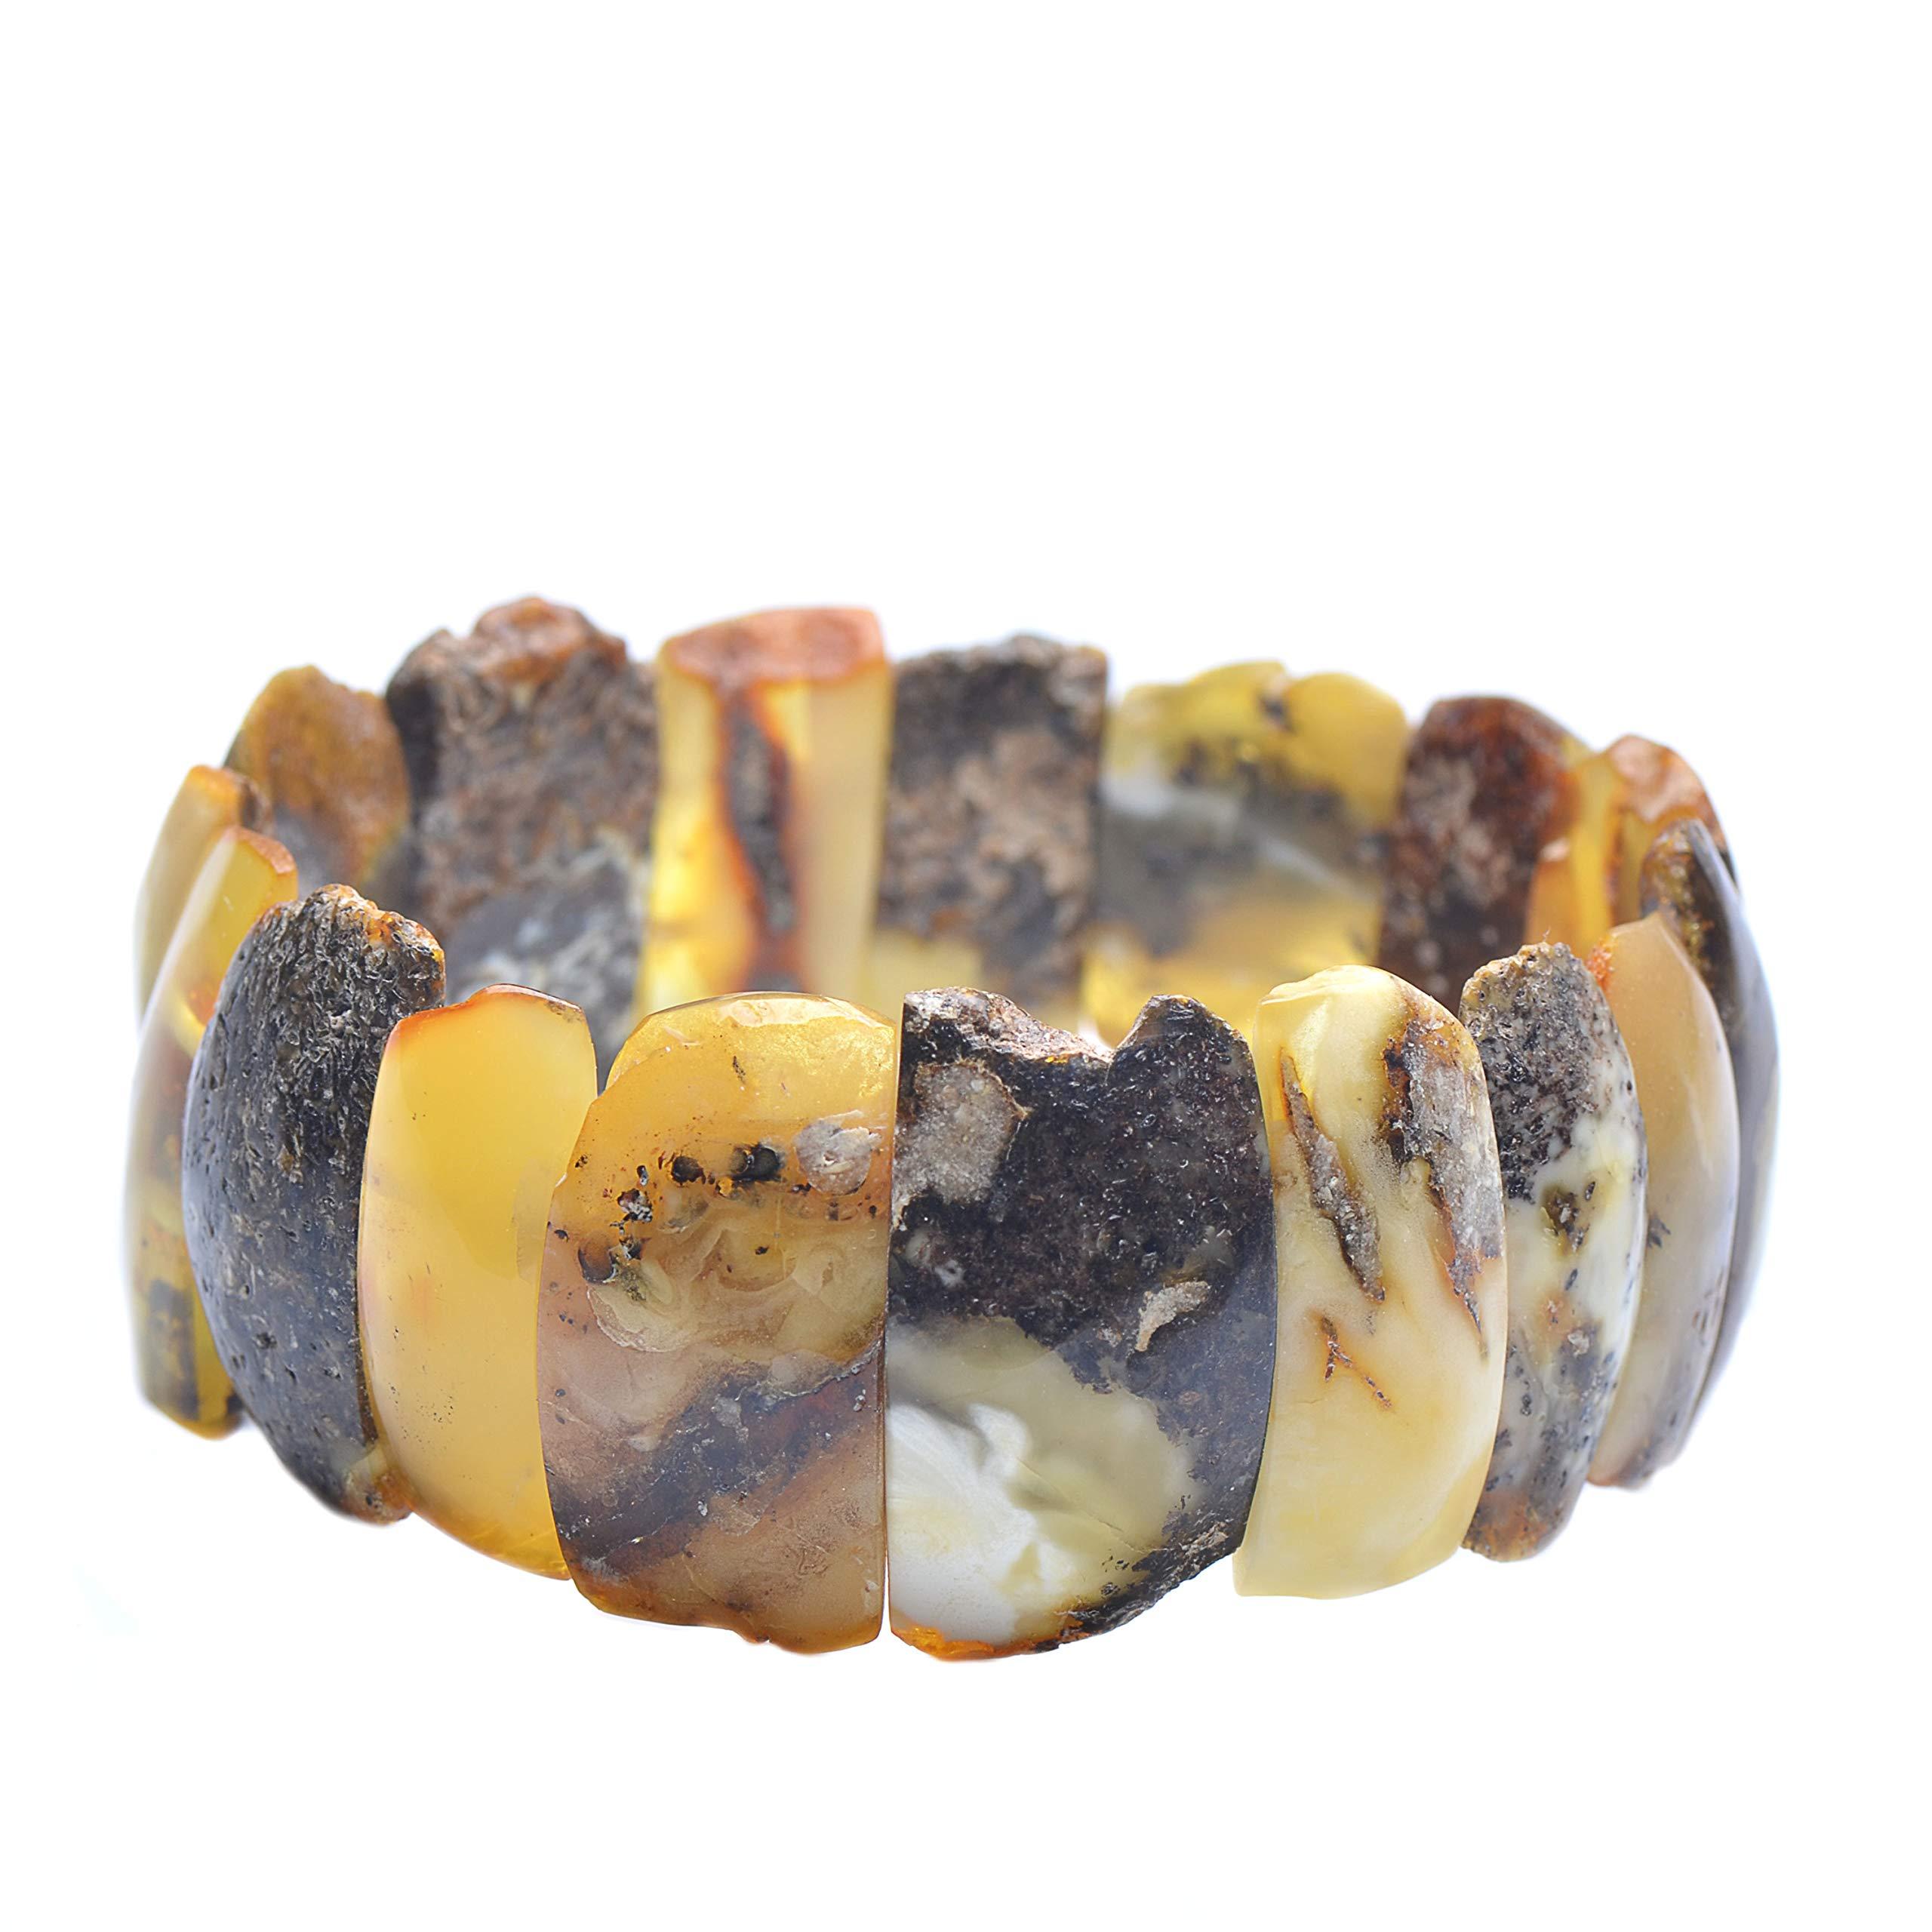 Colorful Amber Bracelet - Vintage Bracelet - Amber Bracelet - Vintage Amber Bracelet - Baltic Amber Bracelet by Genuine Amber